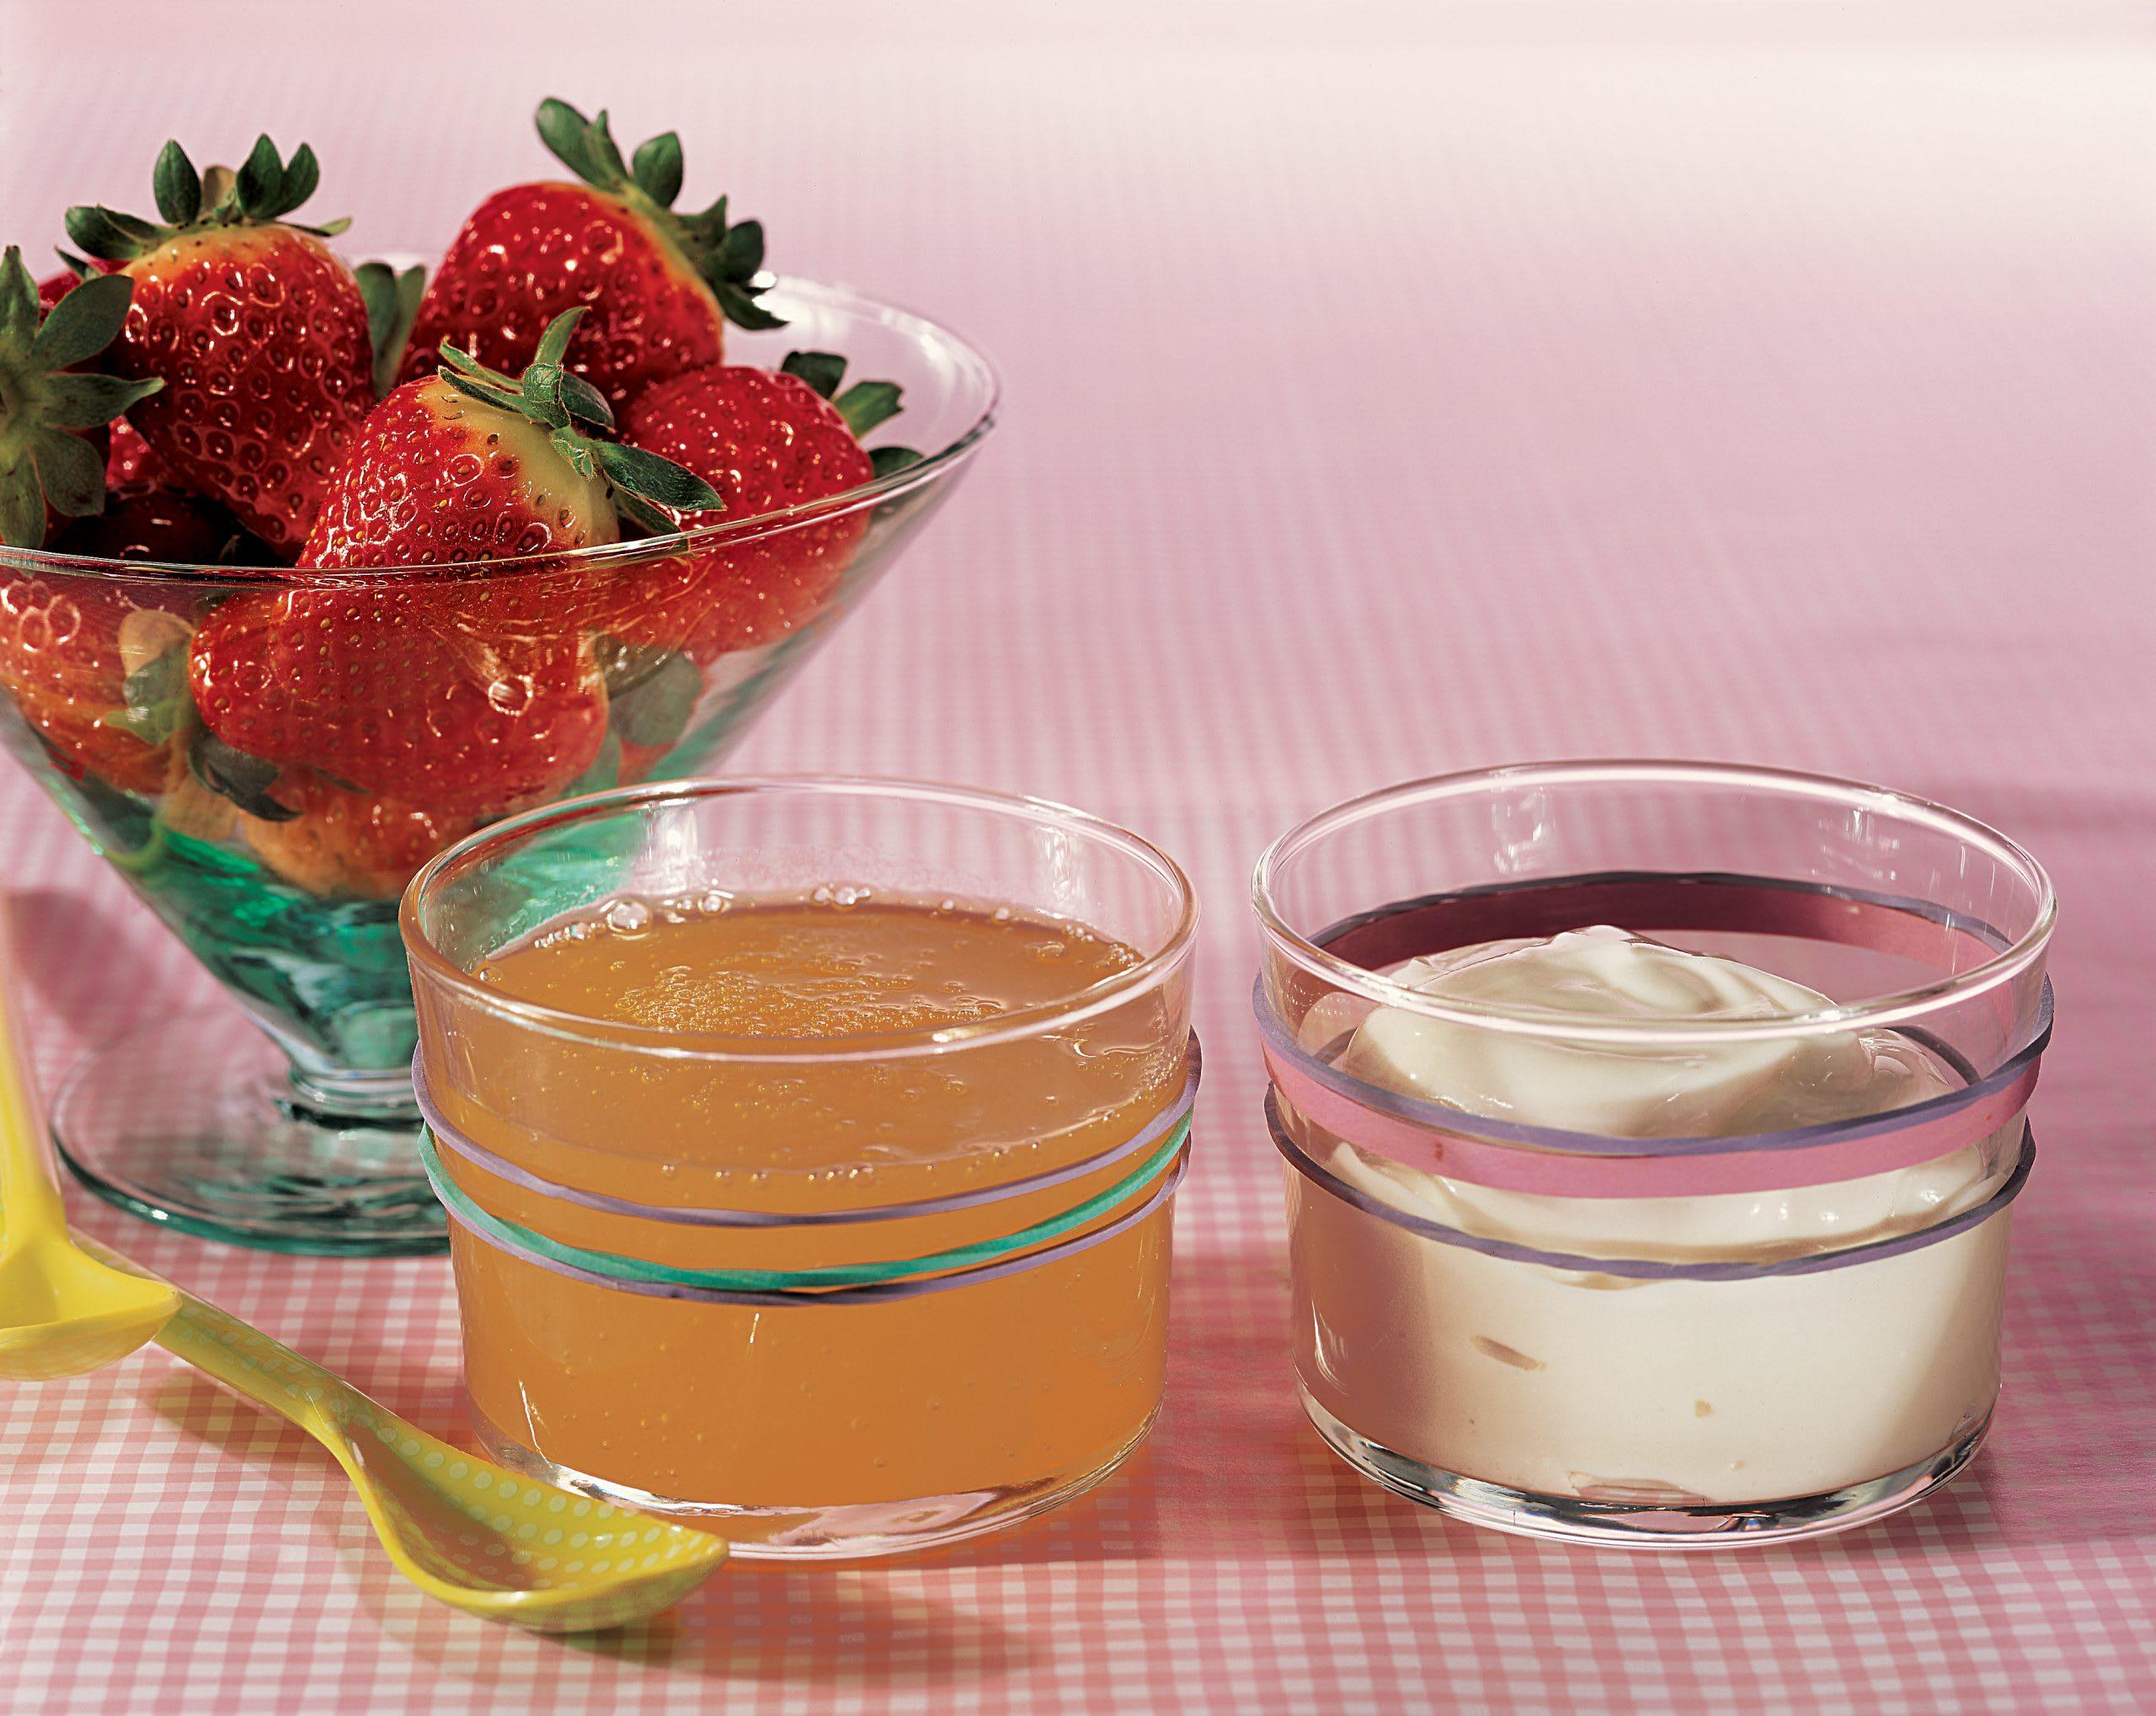 Fraises et leur sirop de fruits et lait acidulé